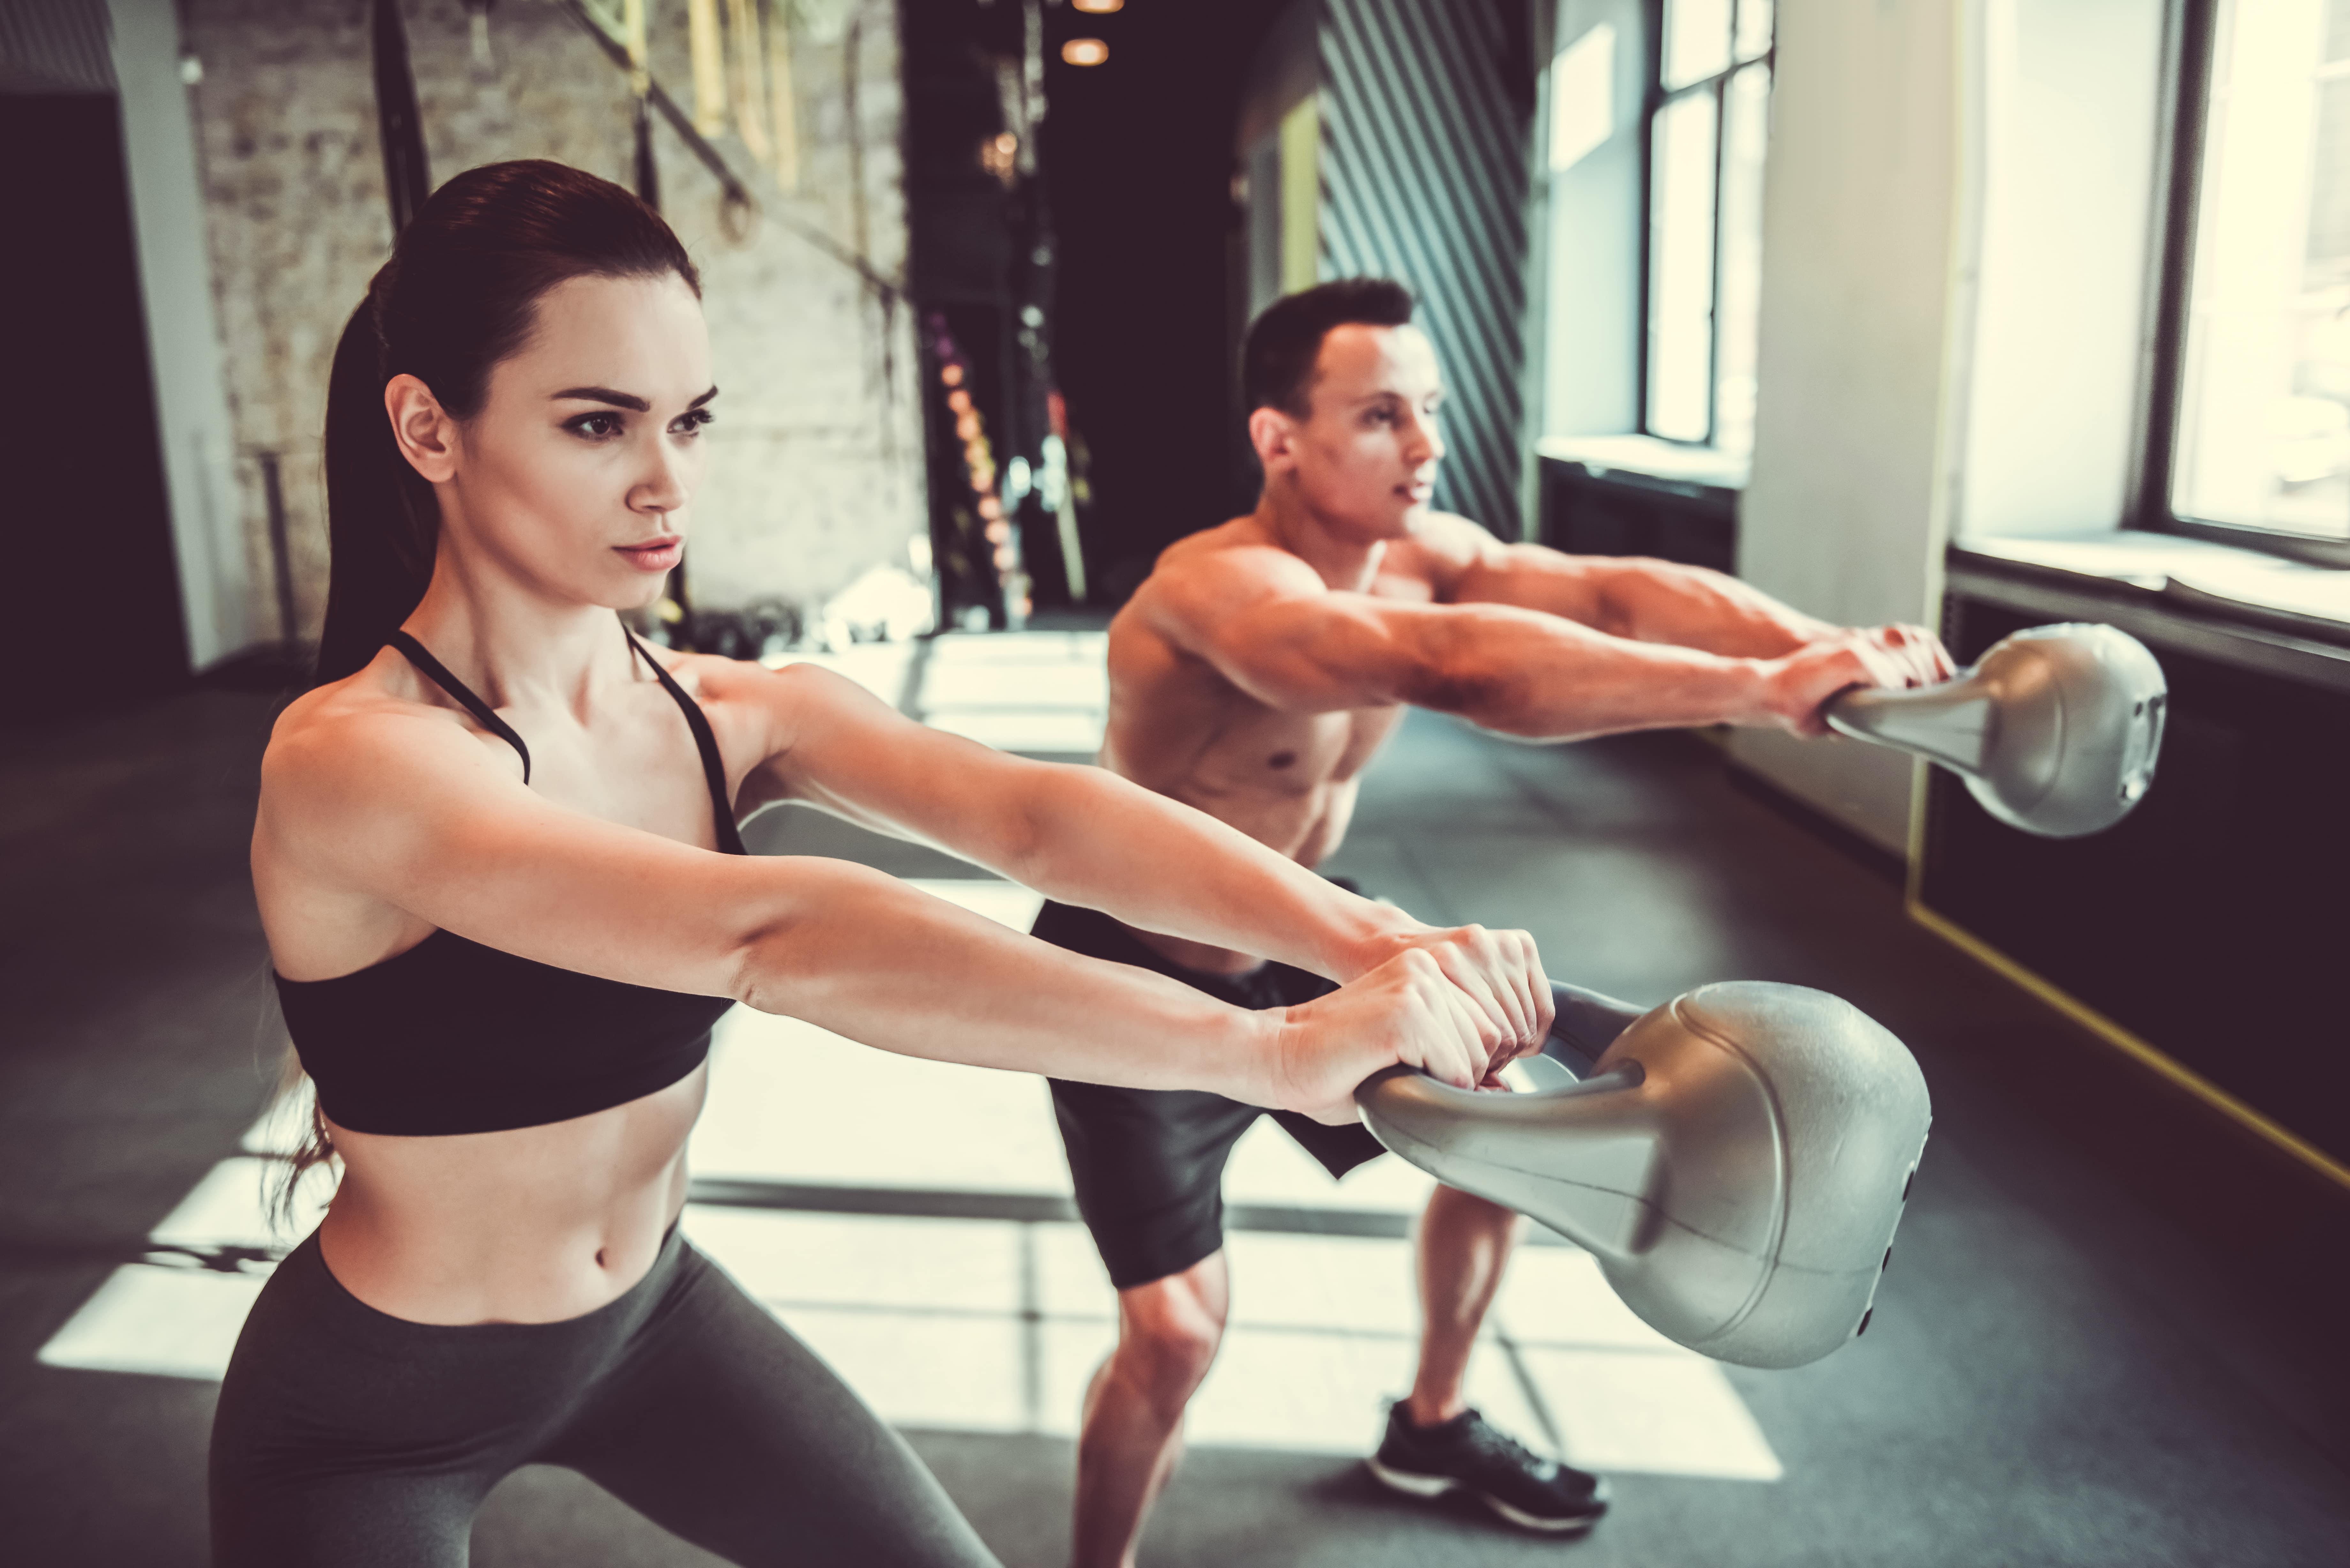 基礎代謝を上げるメリット